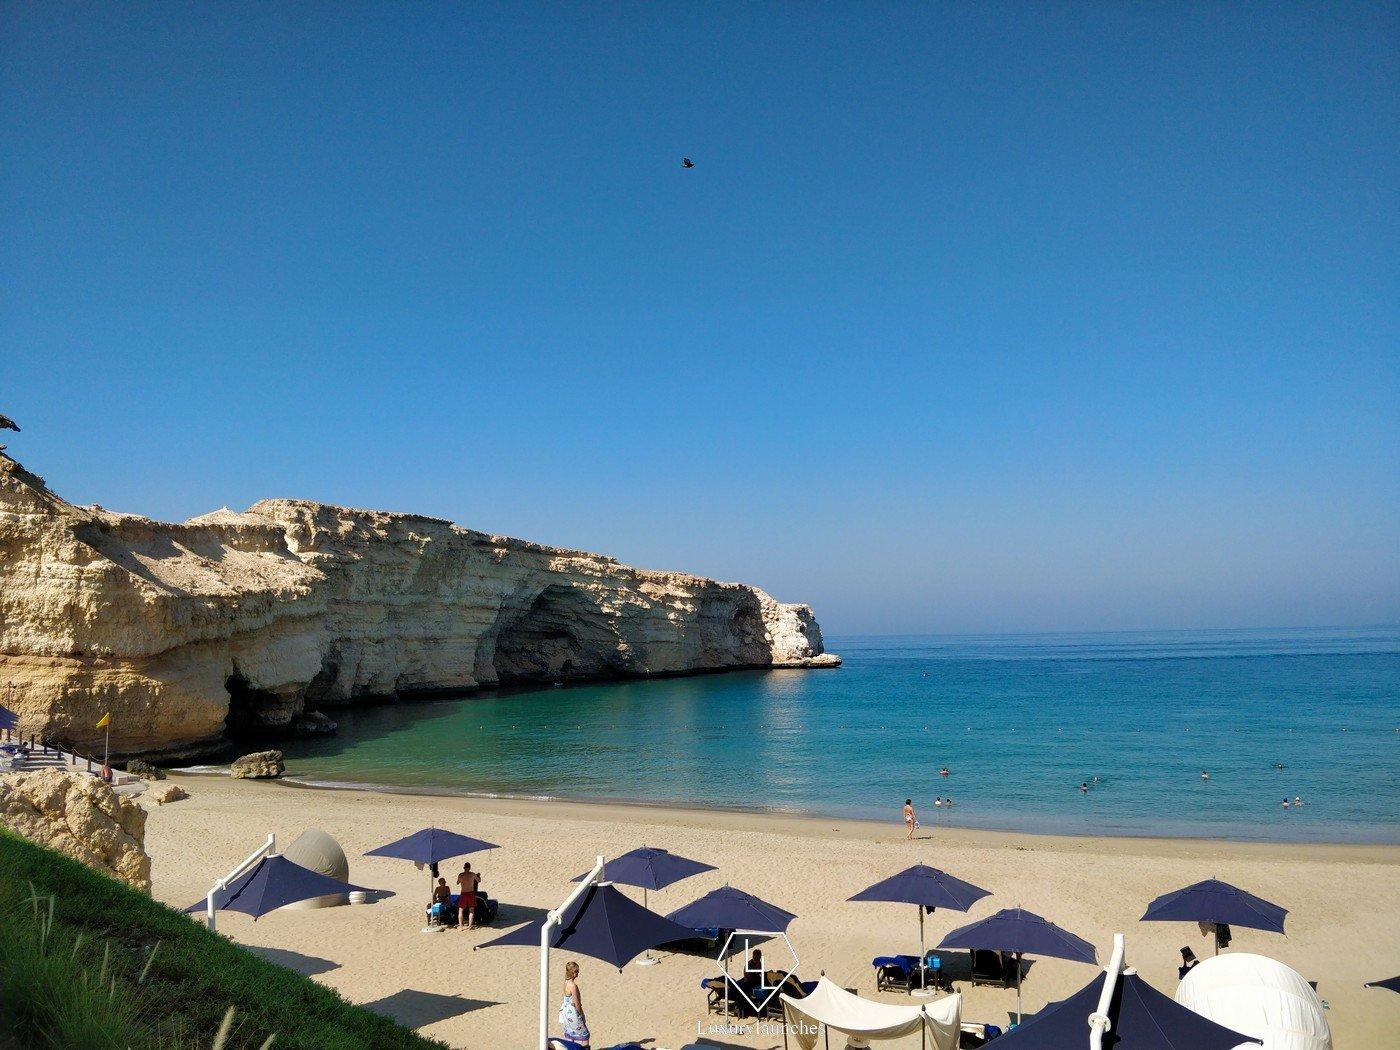 shangrila-al-husn-beach.jpg (1400×1050)